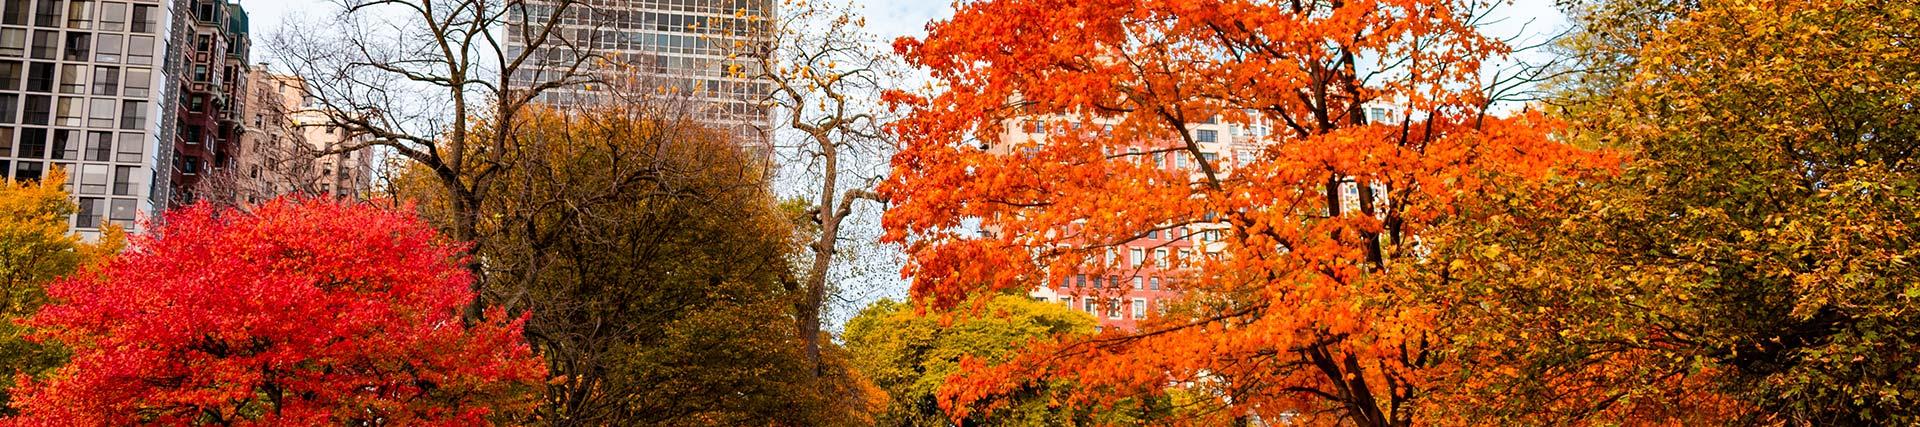 Chicago Autumn